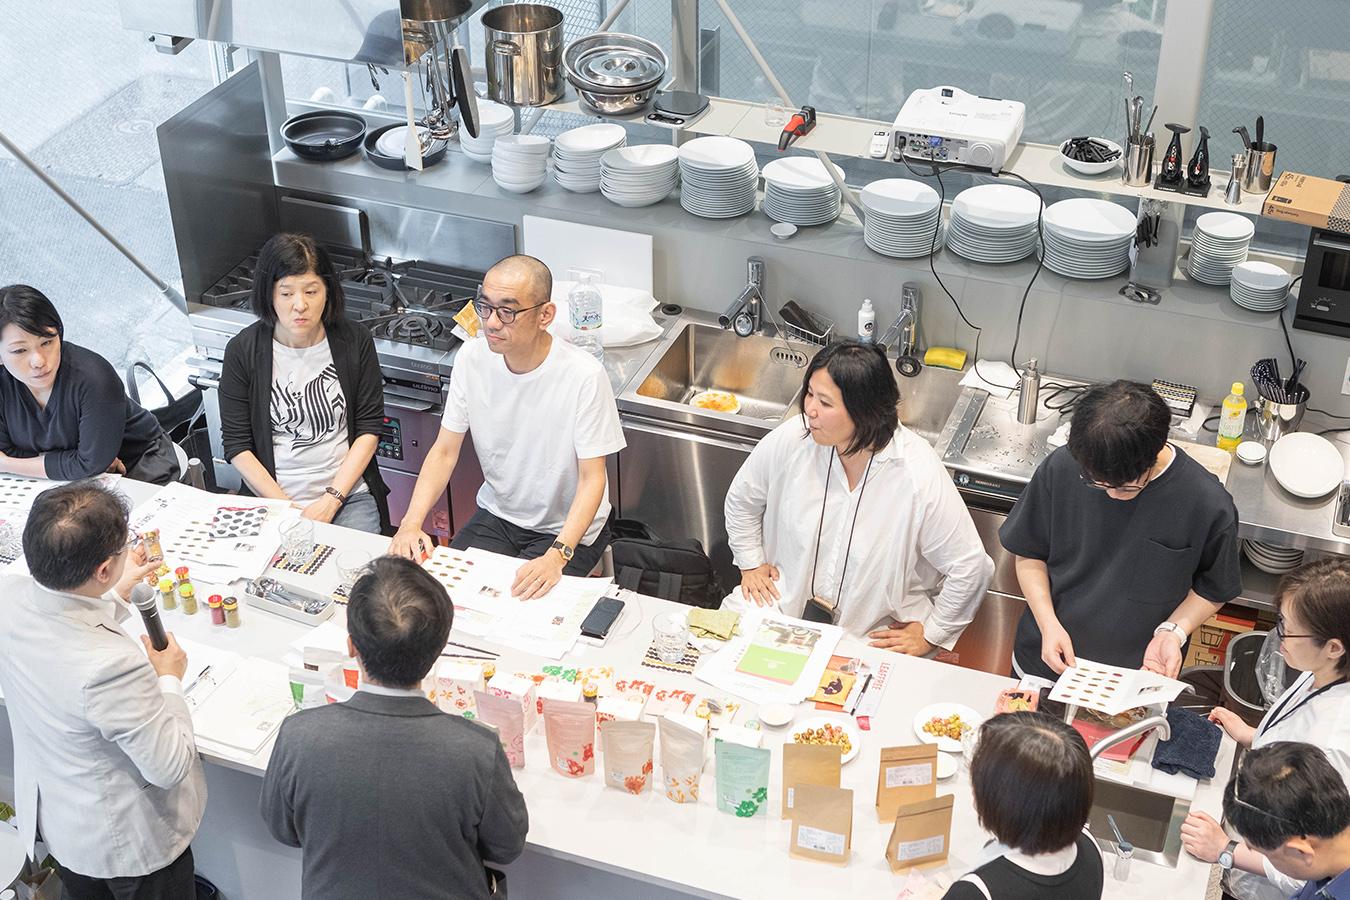 粉碎想像,解構真實日本市場—TGA國際市場深度觀察課程記實1